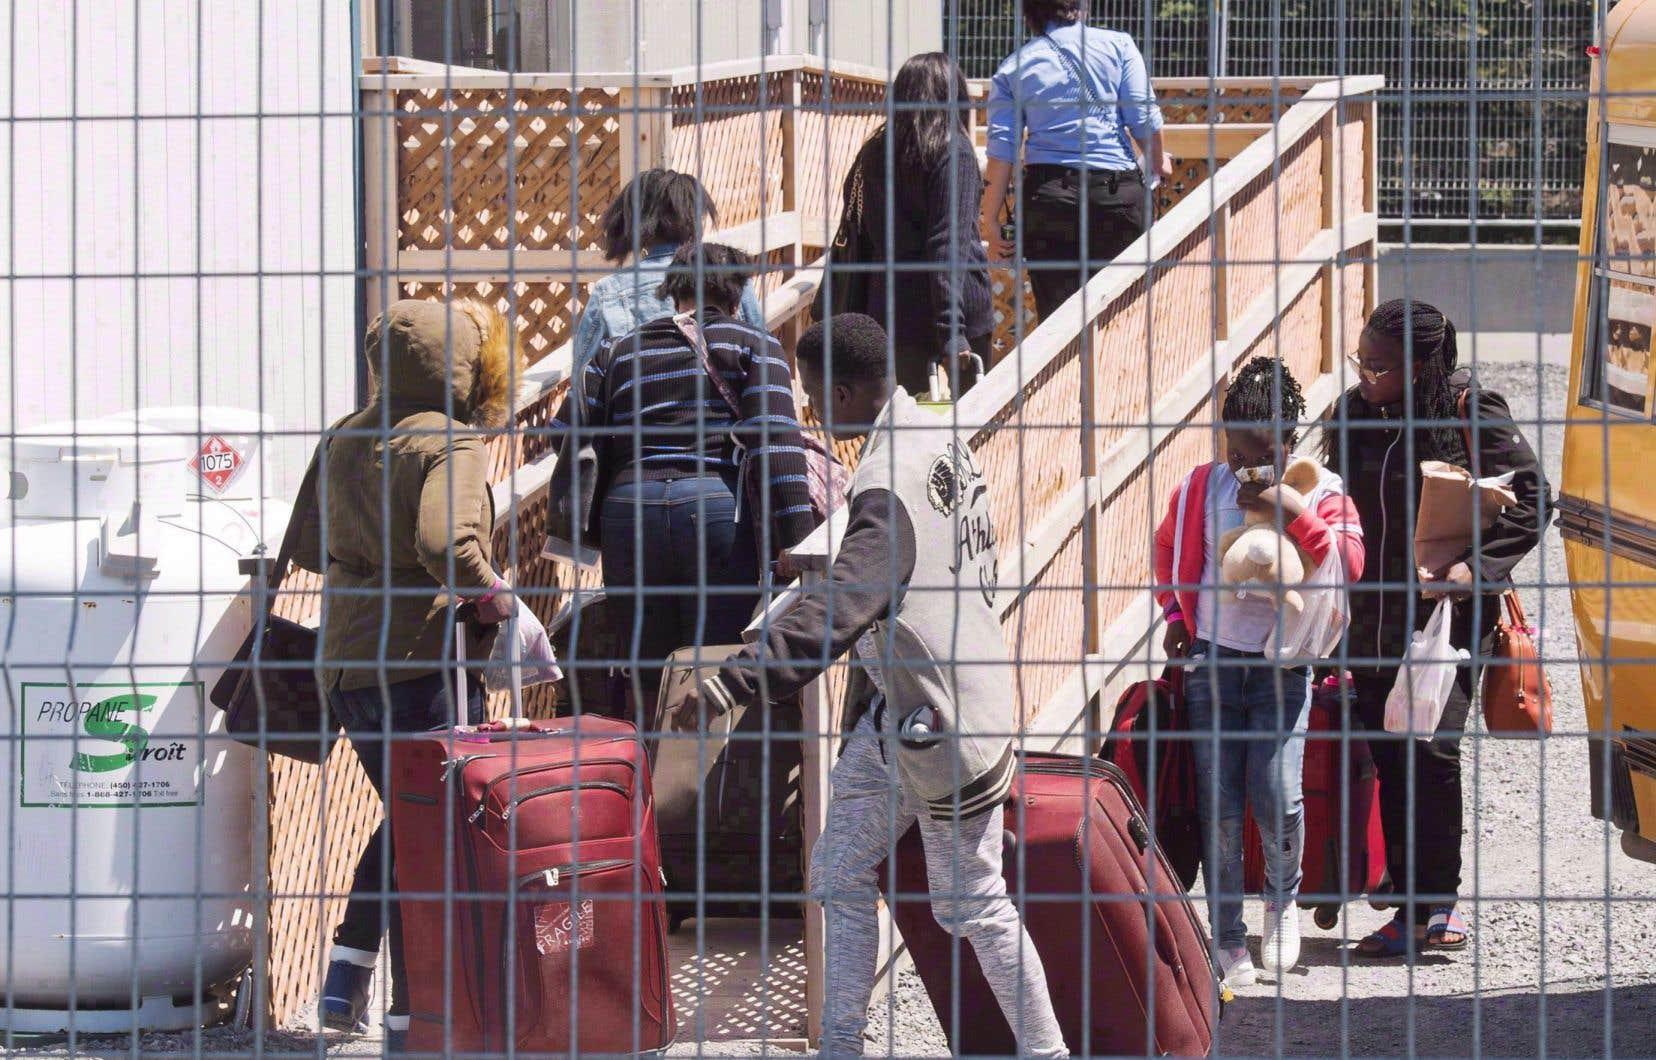 L'afflux de migrants irréguliers au cours des deux dernières années a entraîné un arriéré de demandes d'asile à la Commission de l'immigration et du statut de réfugié.